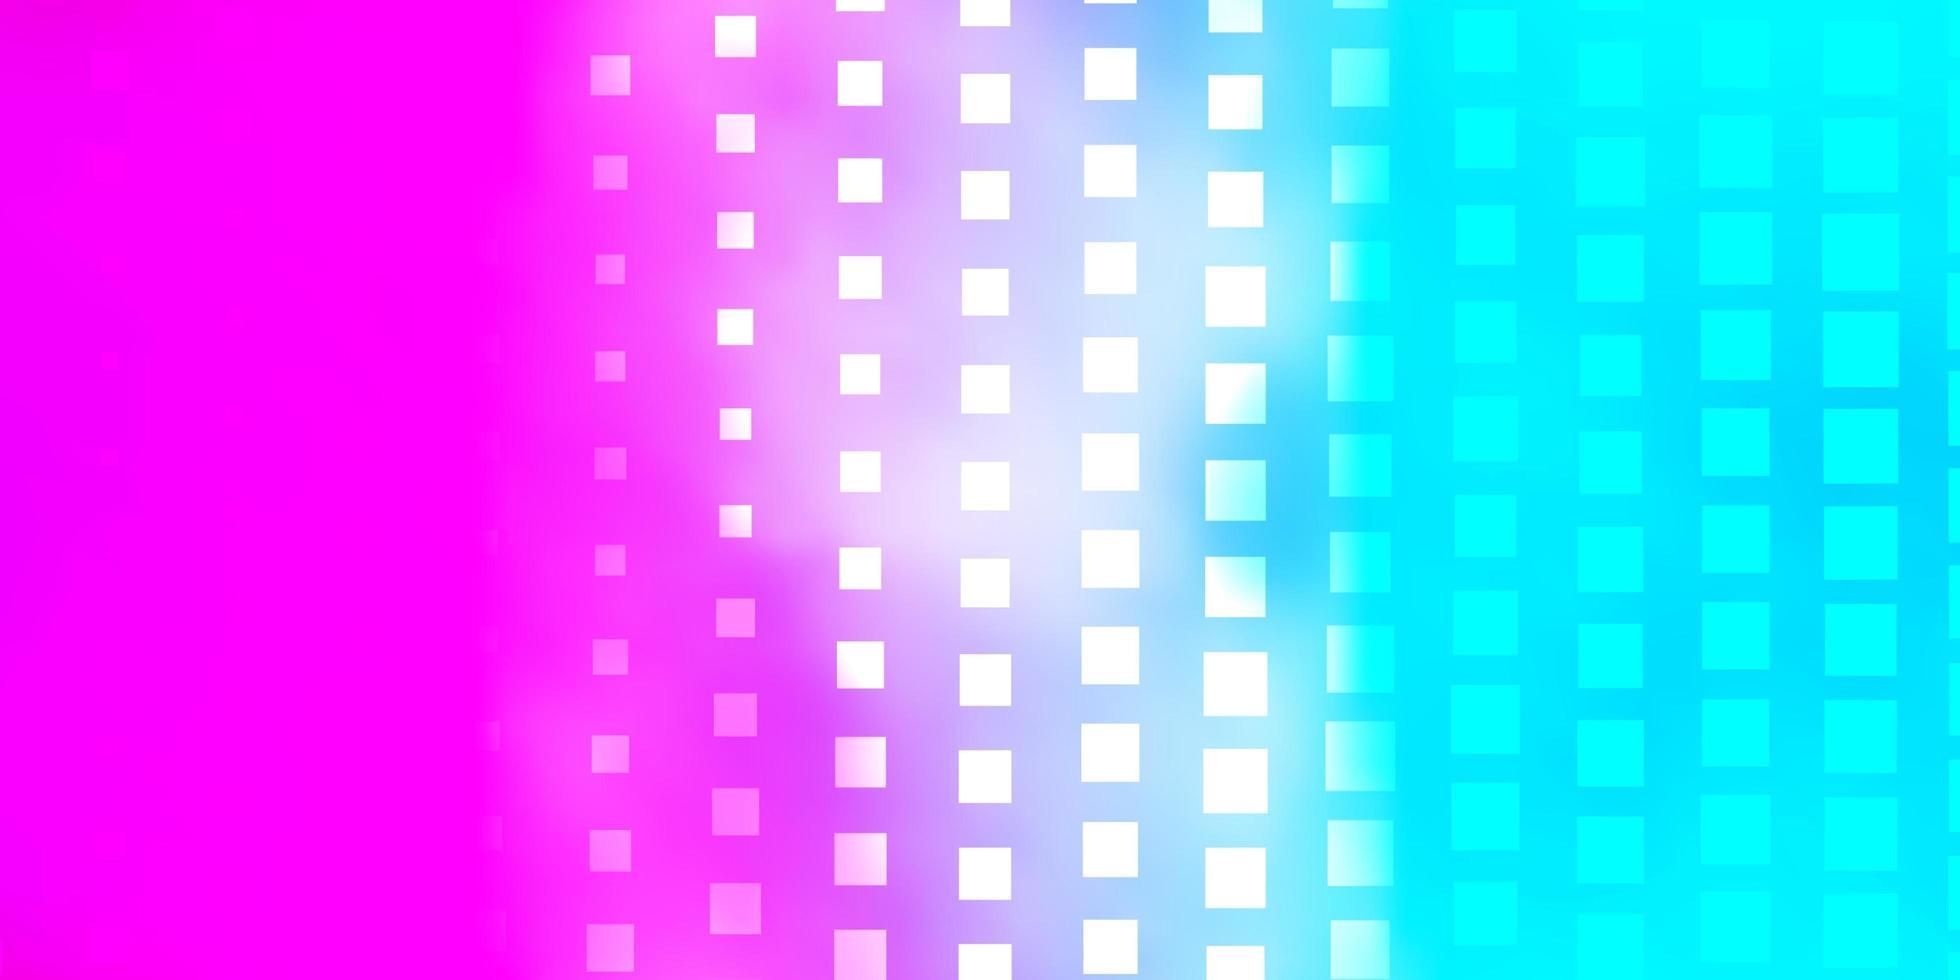 pano de fundo vector azul e vermelho claro com retângulos.